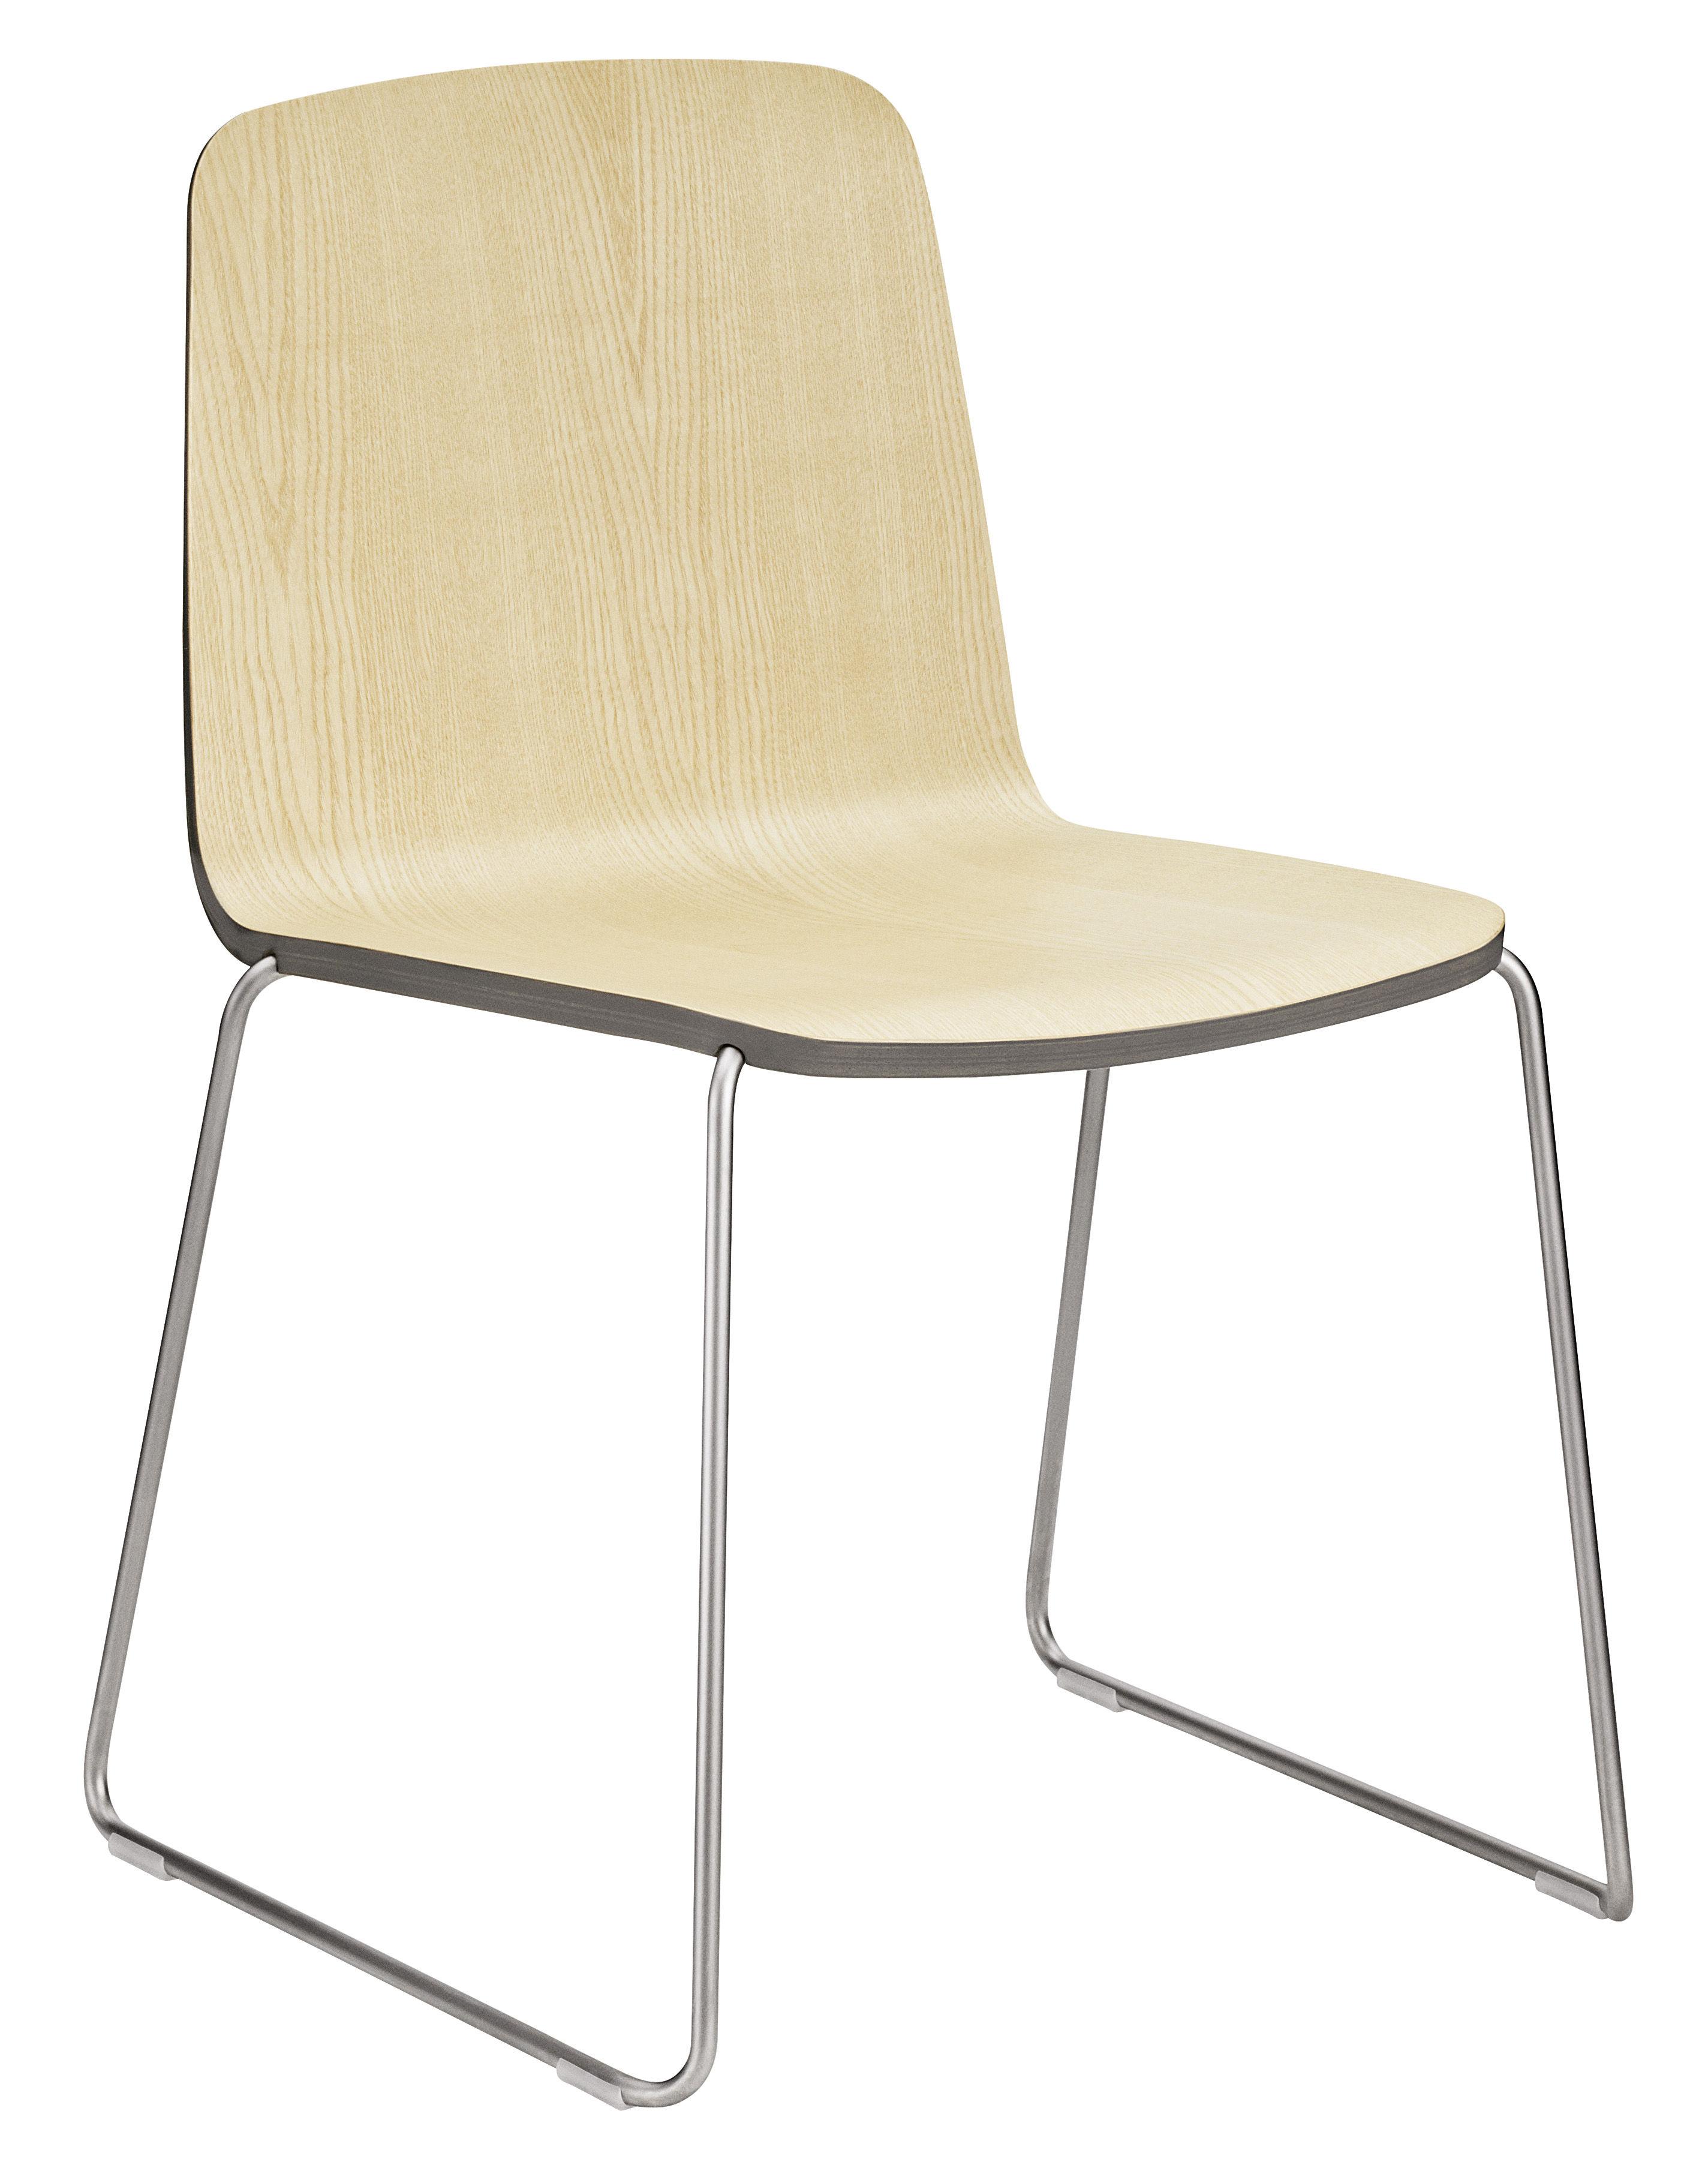 chaise empilable just bois fr ne avec contour gris pied chrom normann copenhagen. Black Bedroom Furniture Sets. Home Design Ideas